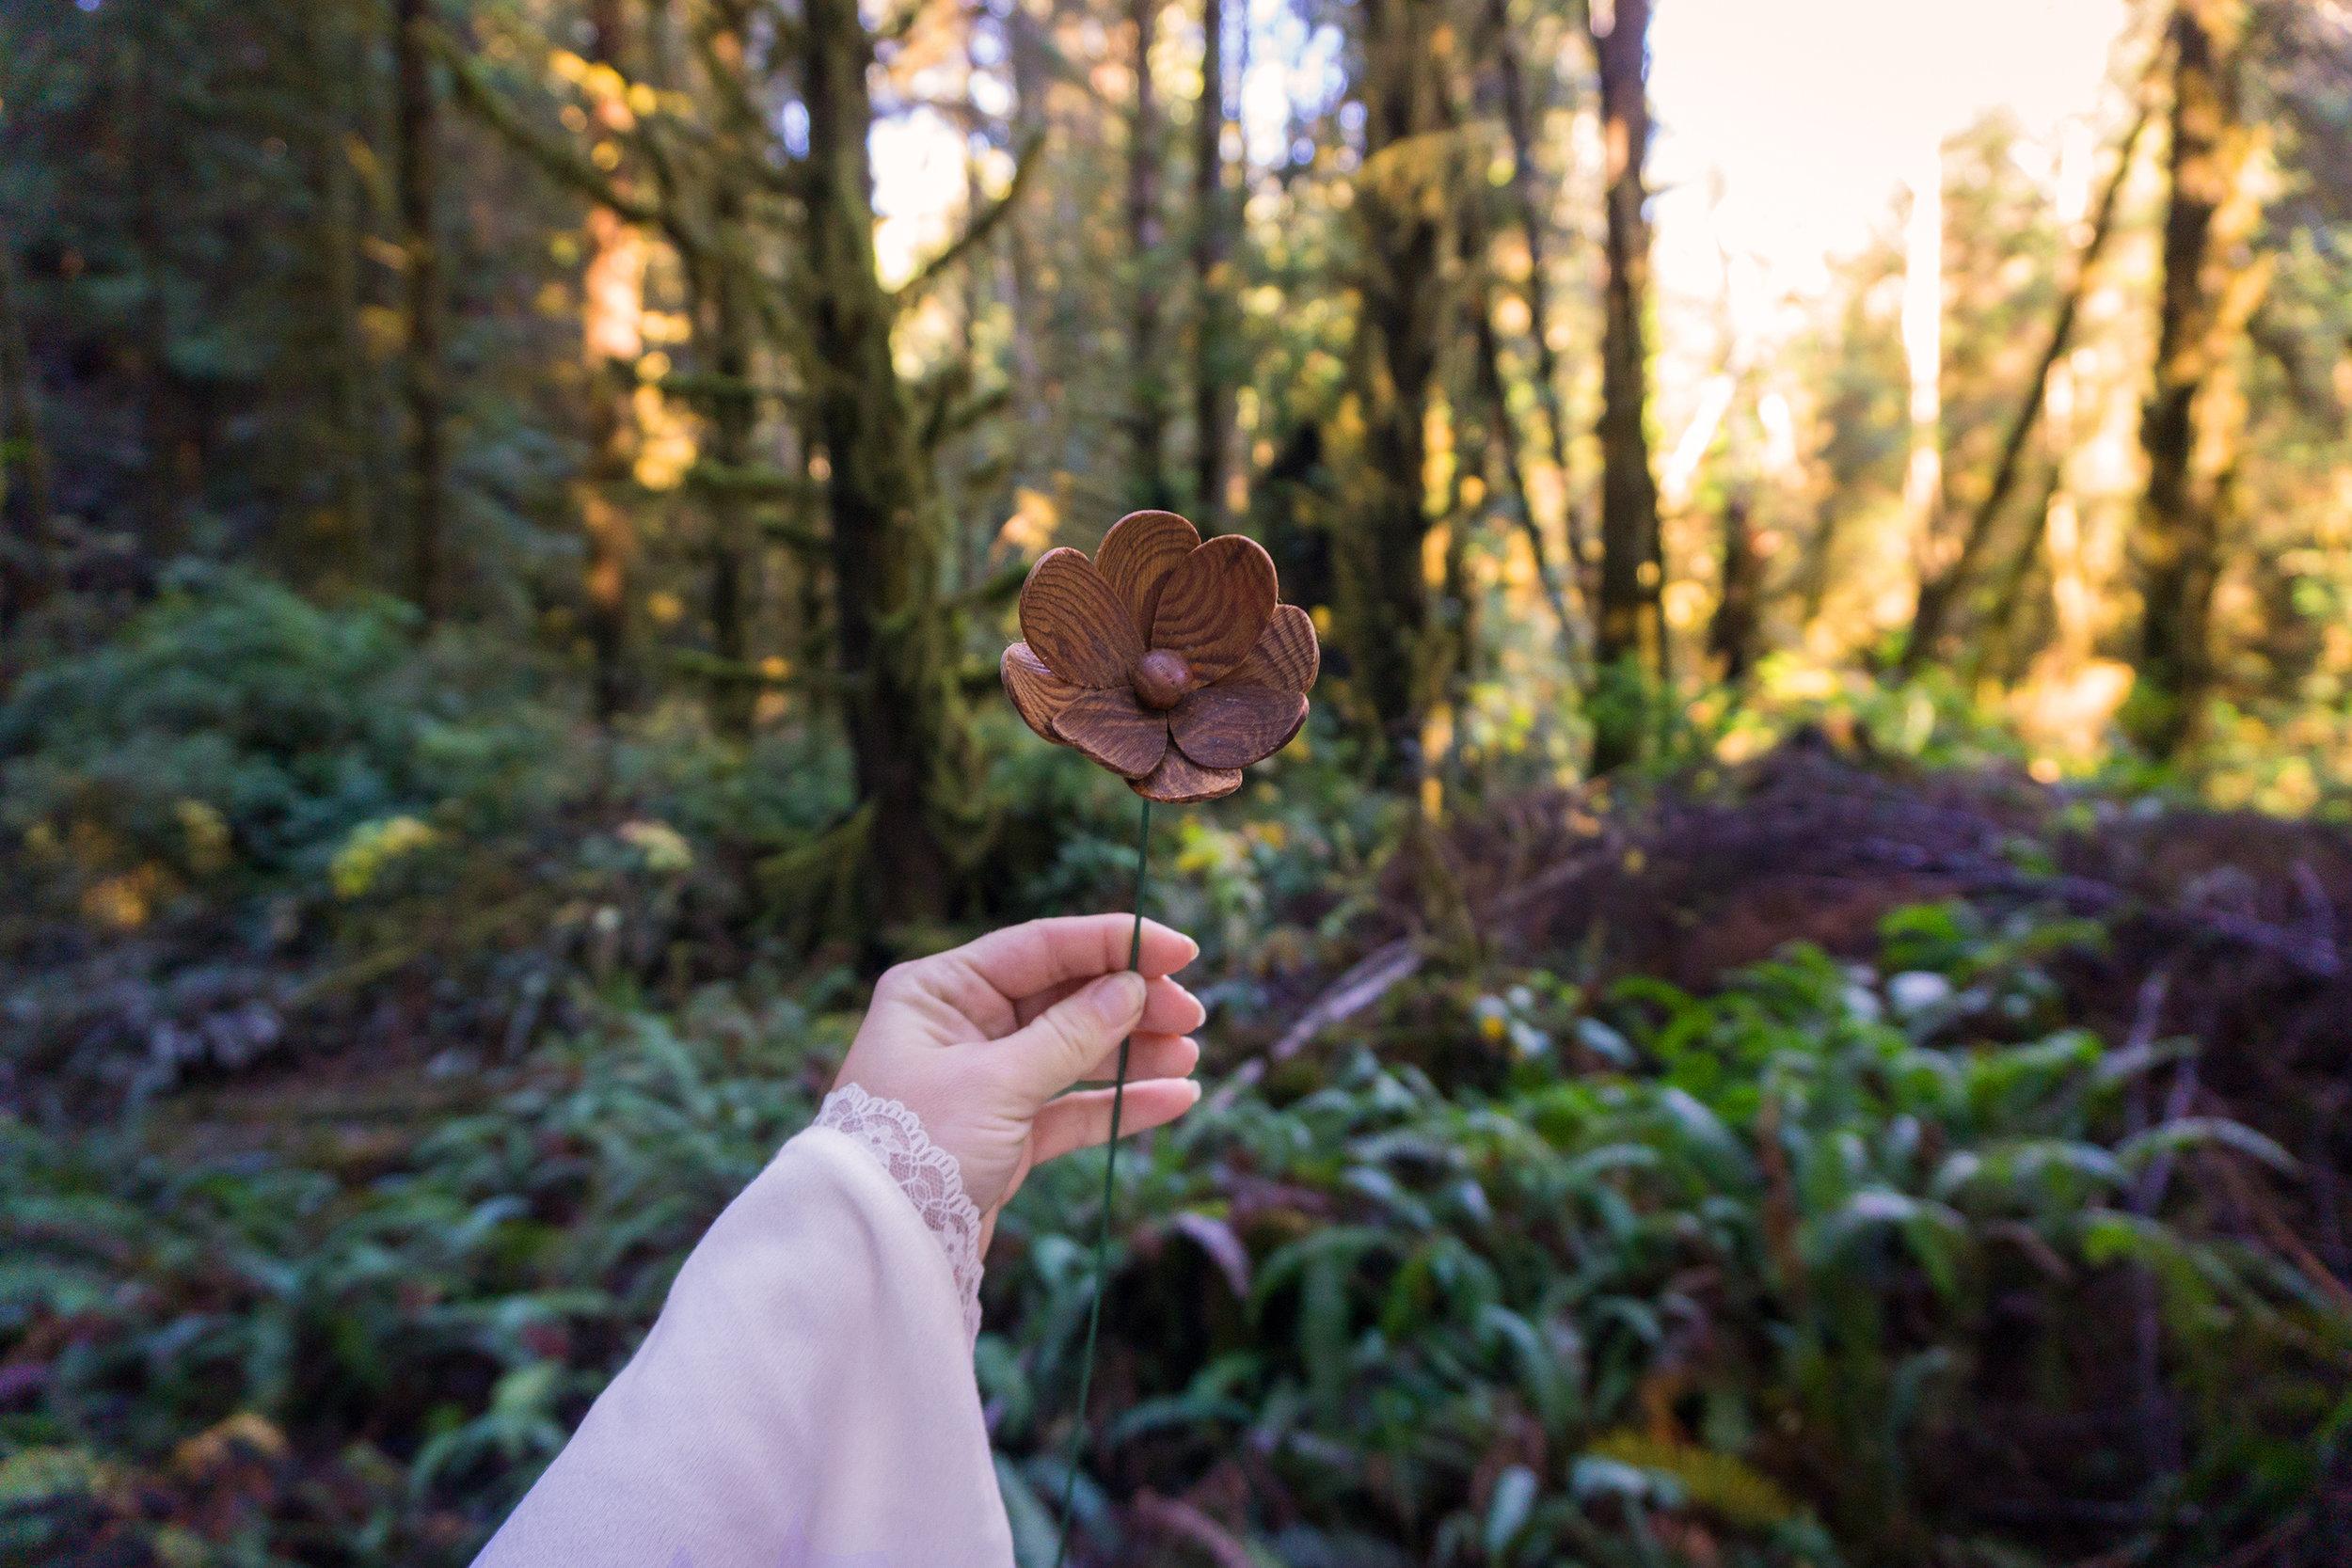 AstroBandit_ForLoveandLemons_Redwoods_PrairieCreek_WhiteDress_3.jpg